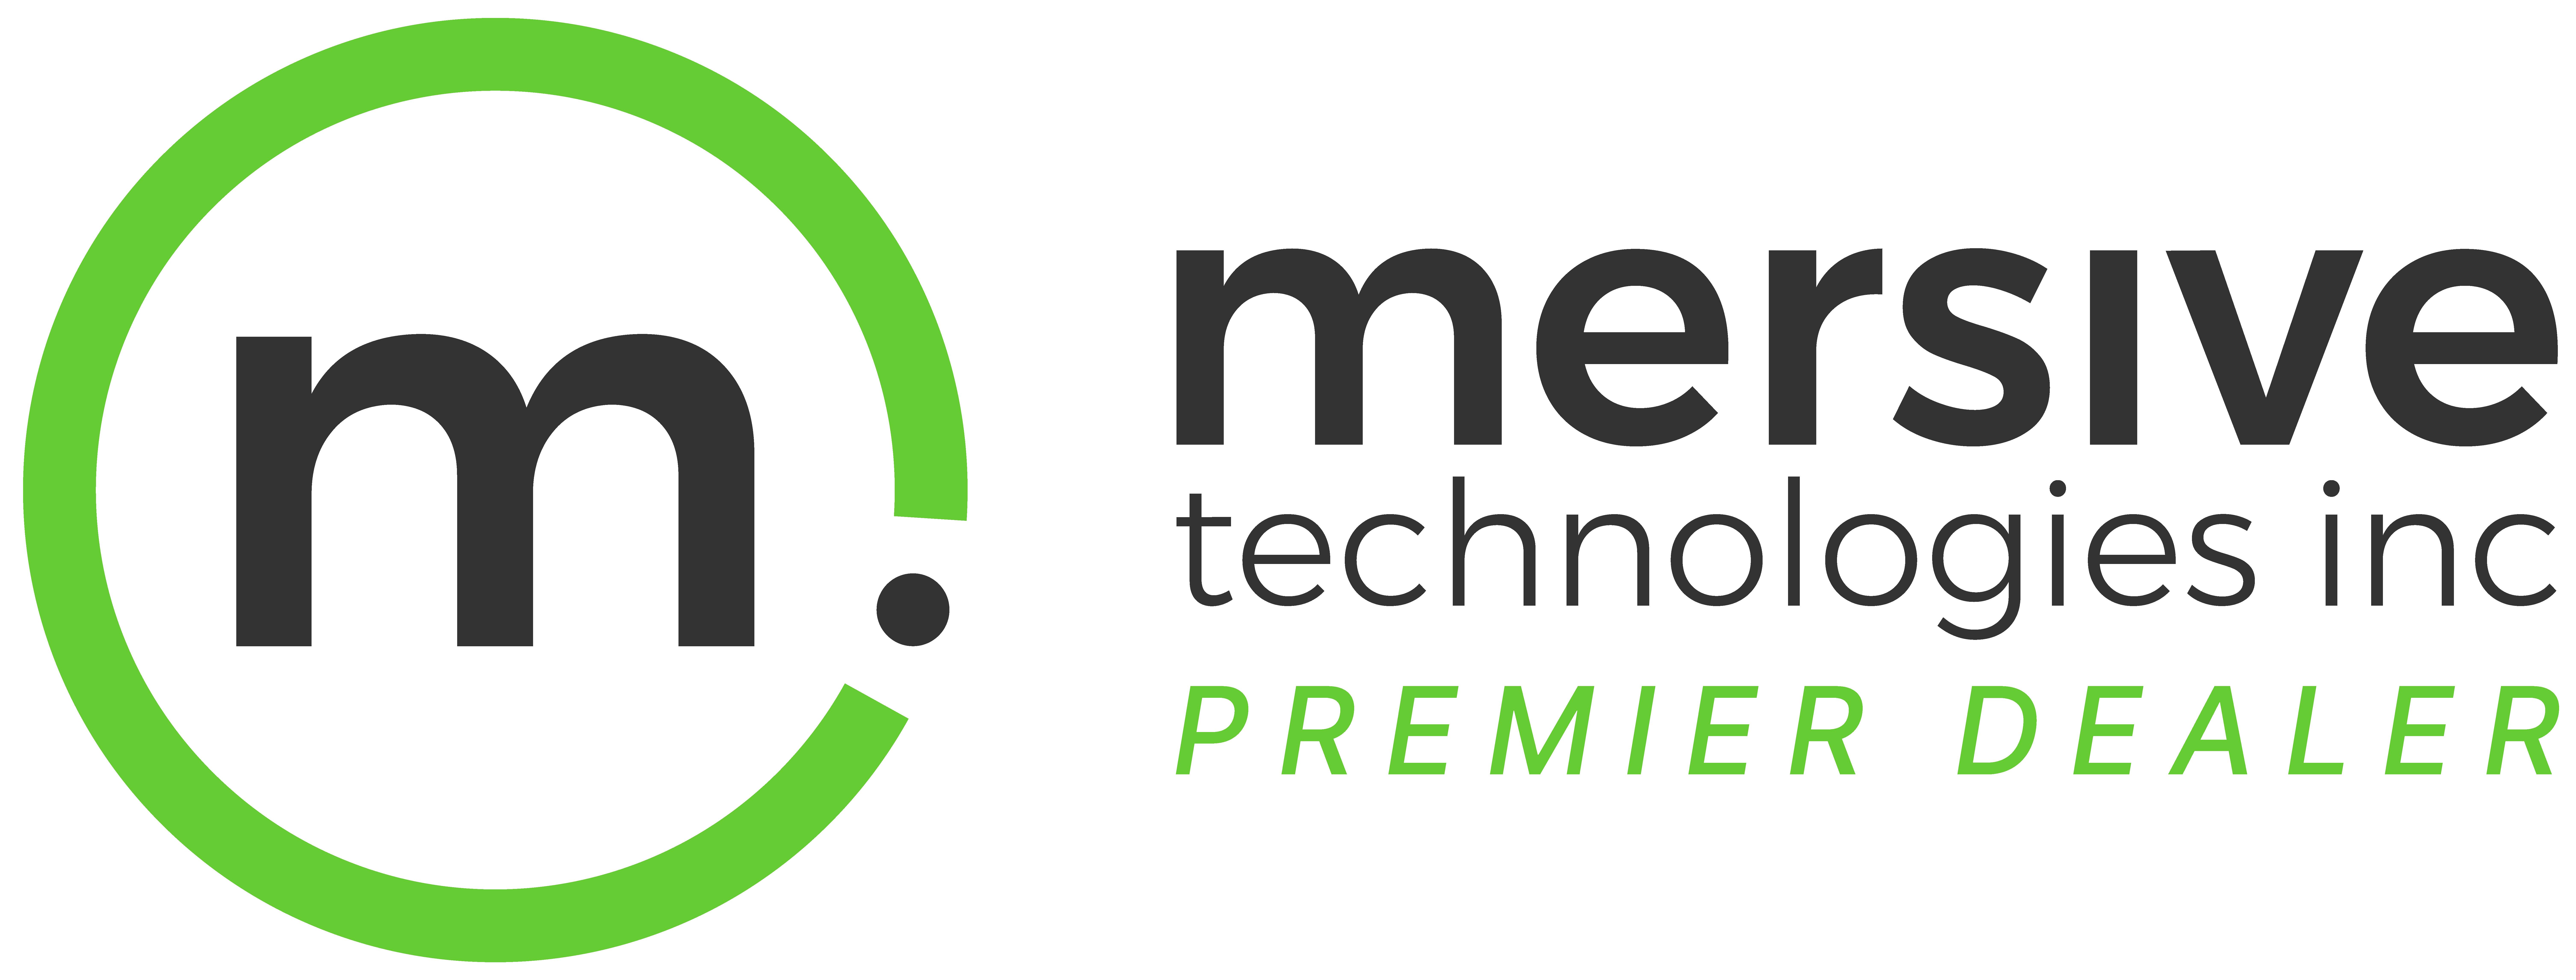 Mersive Premier Dealer Logo